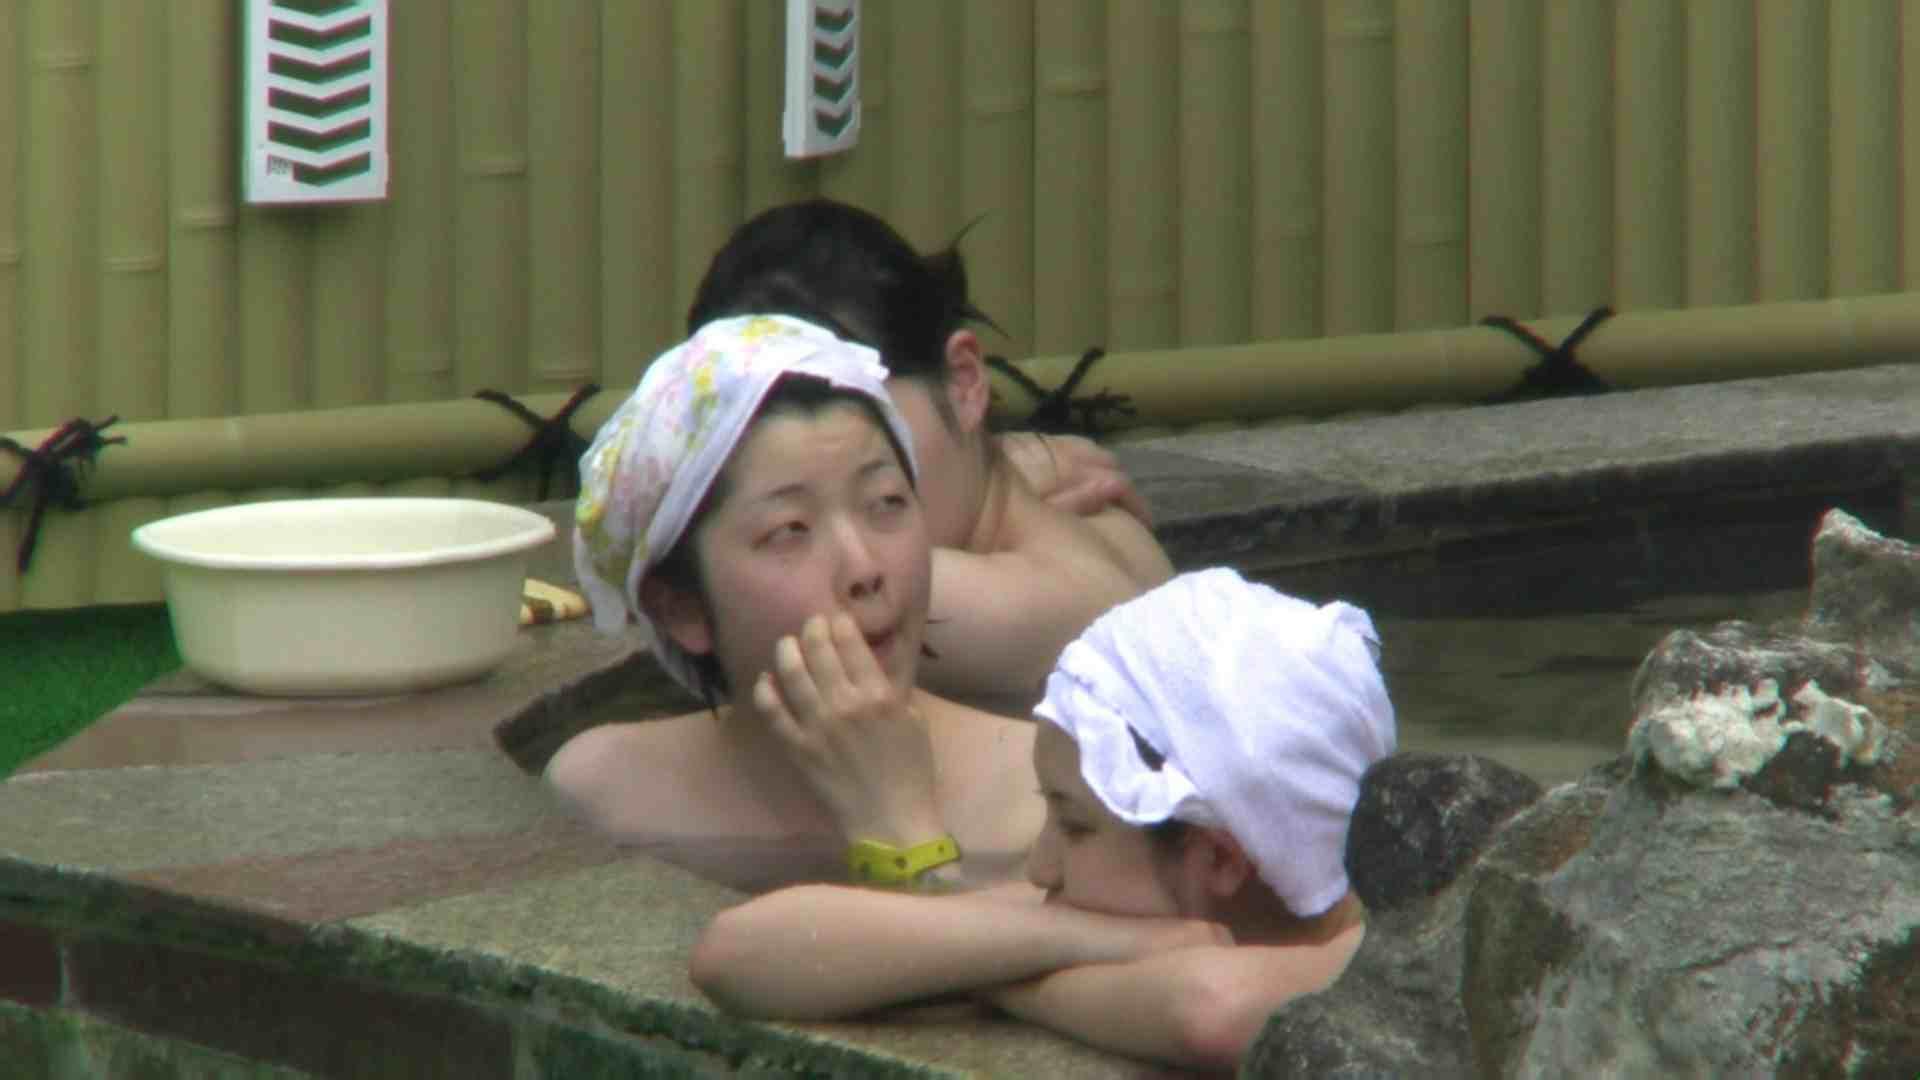 Aquaな露天風呂Vol.65【VIP限定】 盗撮 | 露天  95画像 4